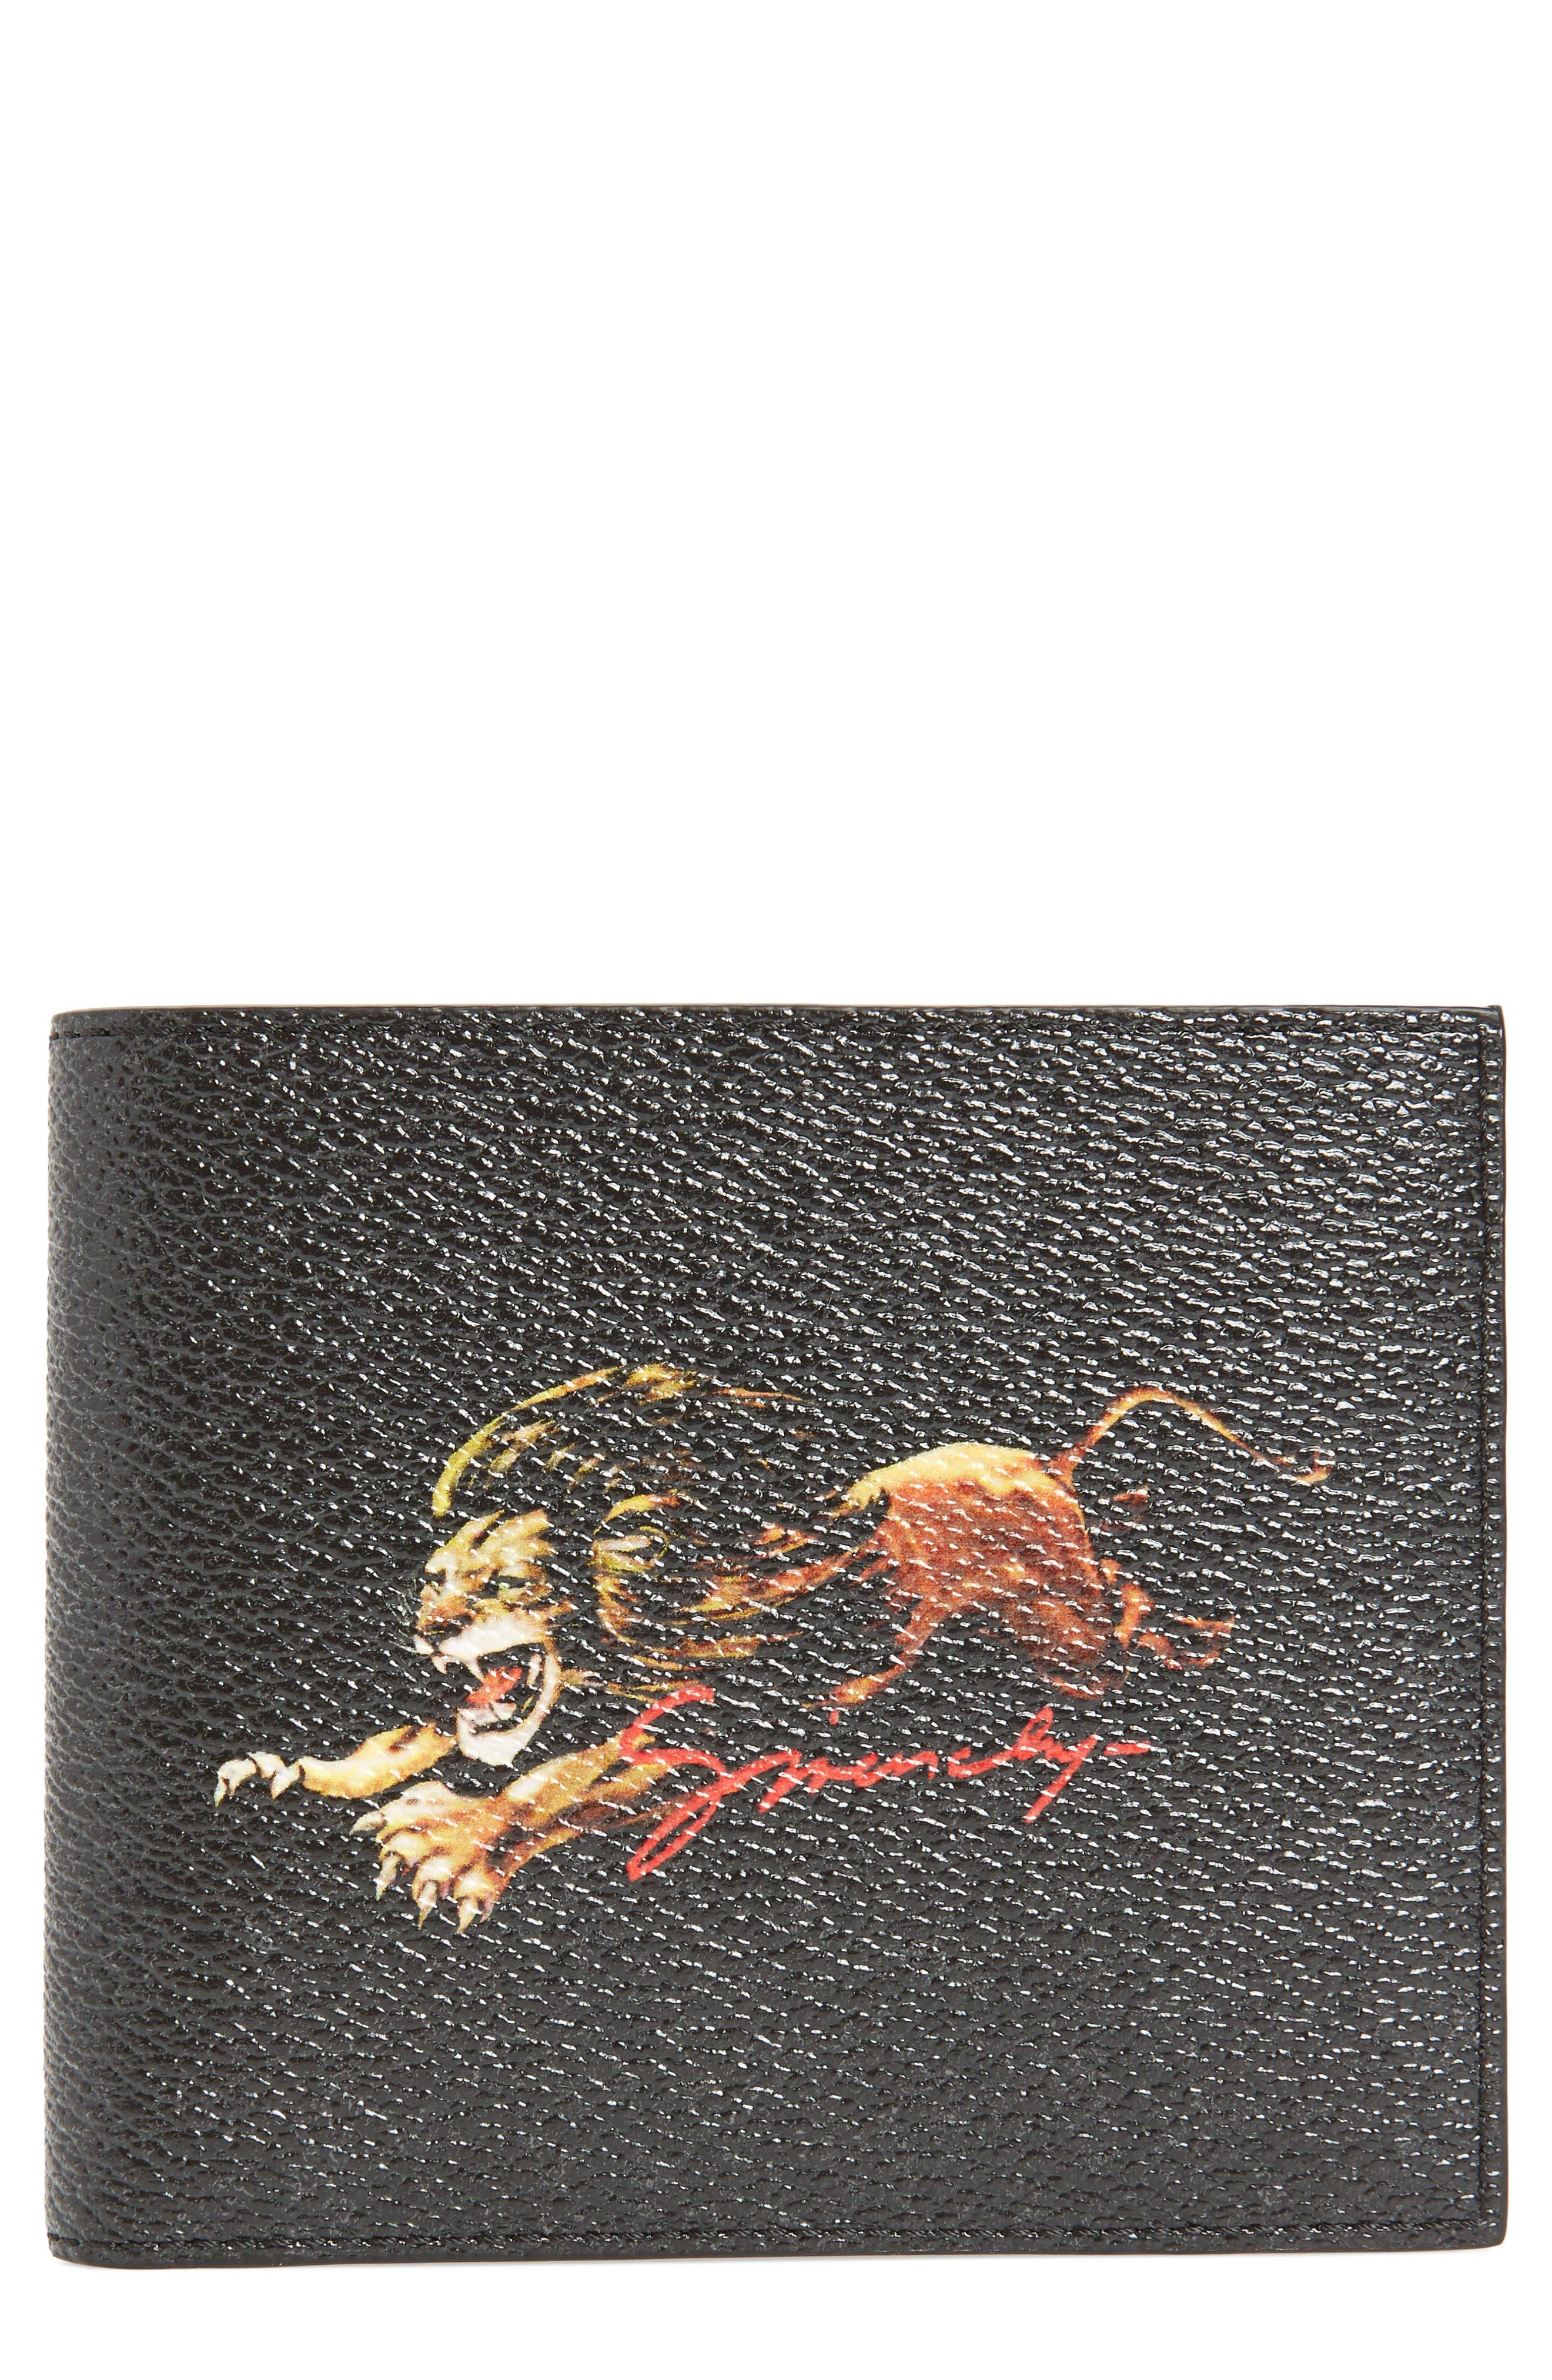 Lion Print Faux Leather Bifold Wallet,                         Main,                         color, BLACK MULTI